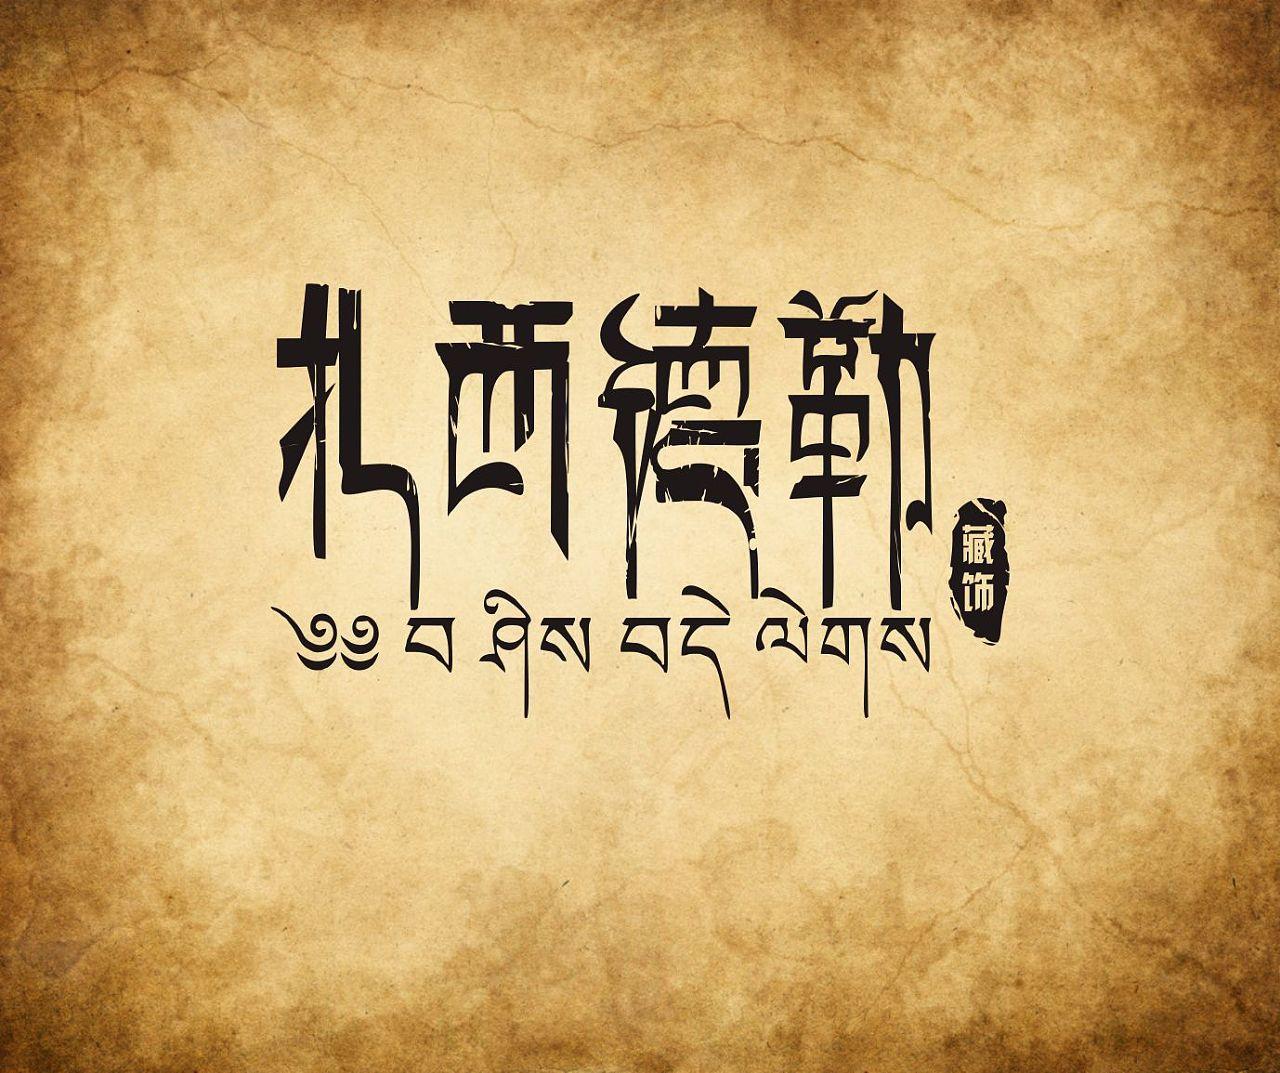 """""""扎西德勒""""字体设计 结合藏文的笔画特点"""